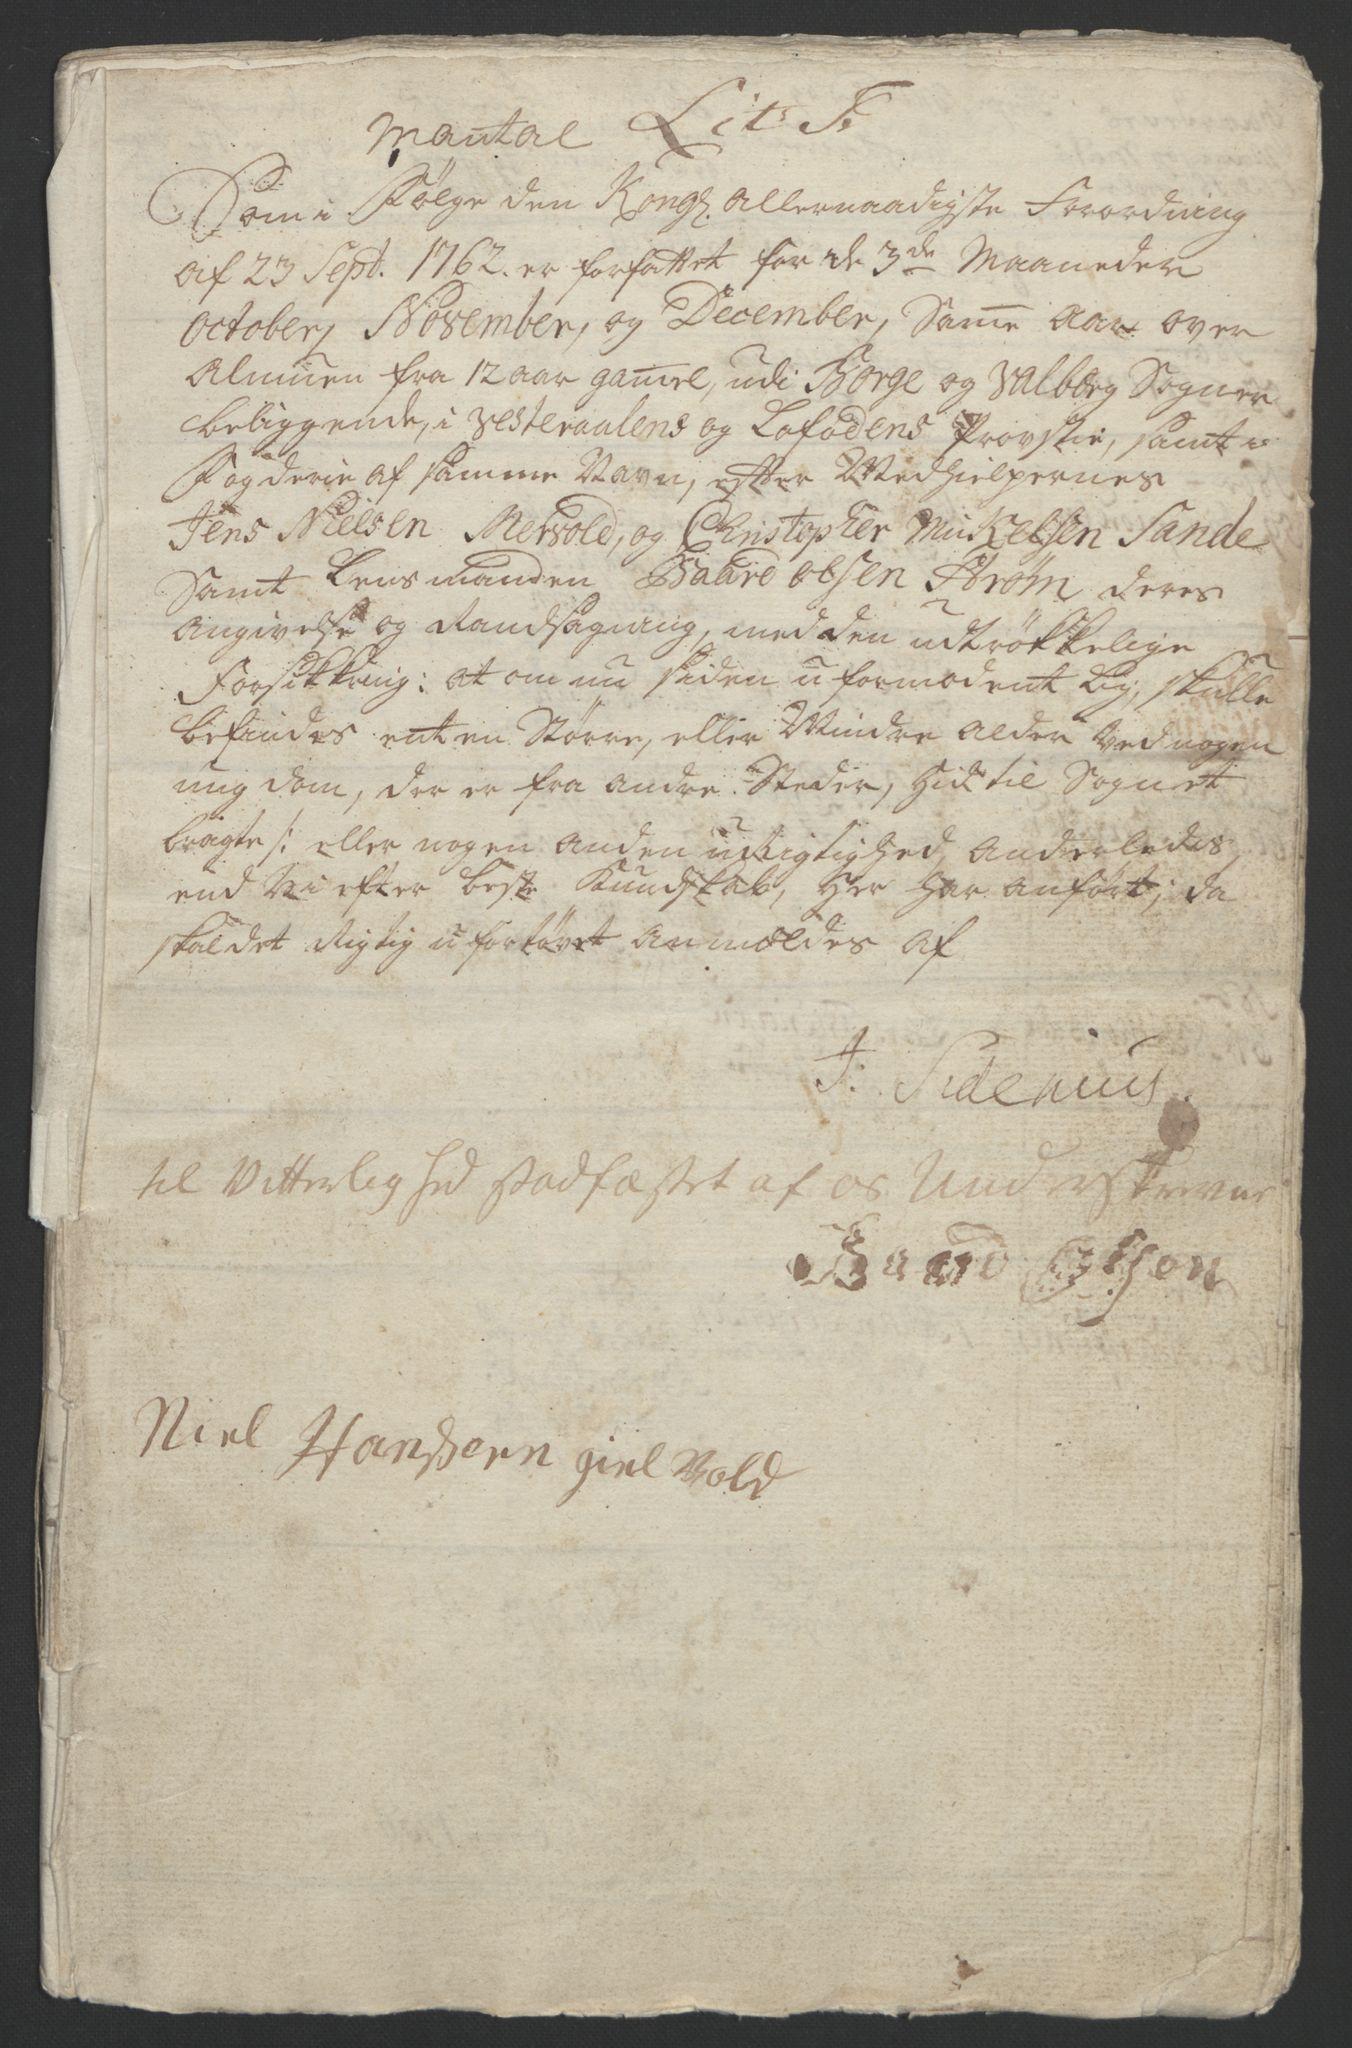 RA, Rentekammeret inntil 1814, Reviderte regnskaper, Fogderegnskap, R67/L4747: Ekstraskatten Vesterålen, Andenes og Lofoten, 1762-1766, s. 116